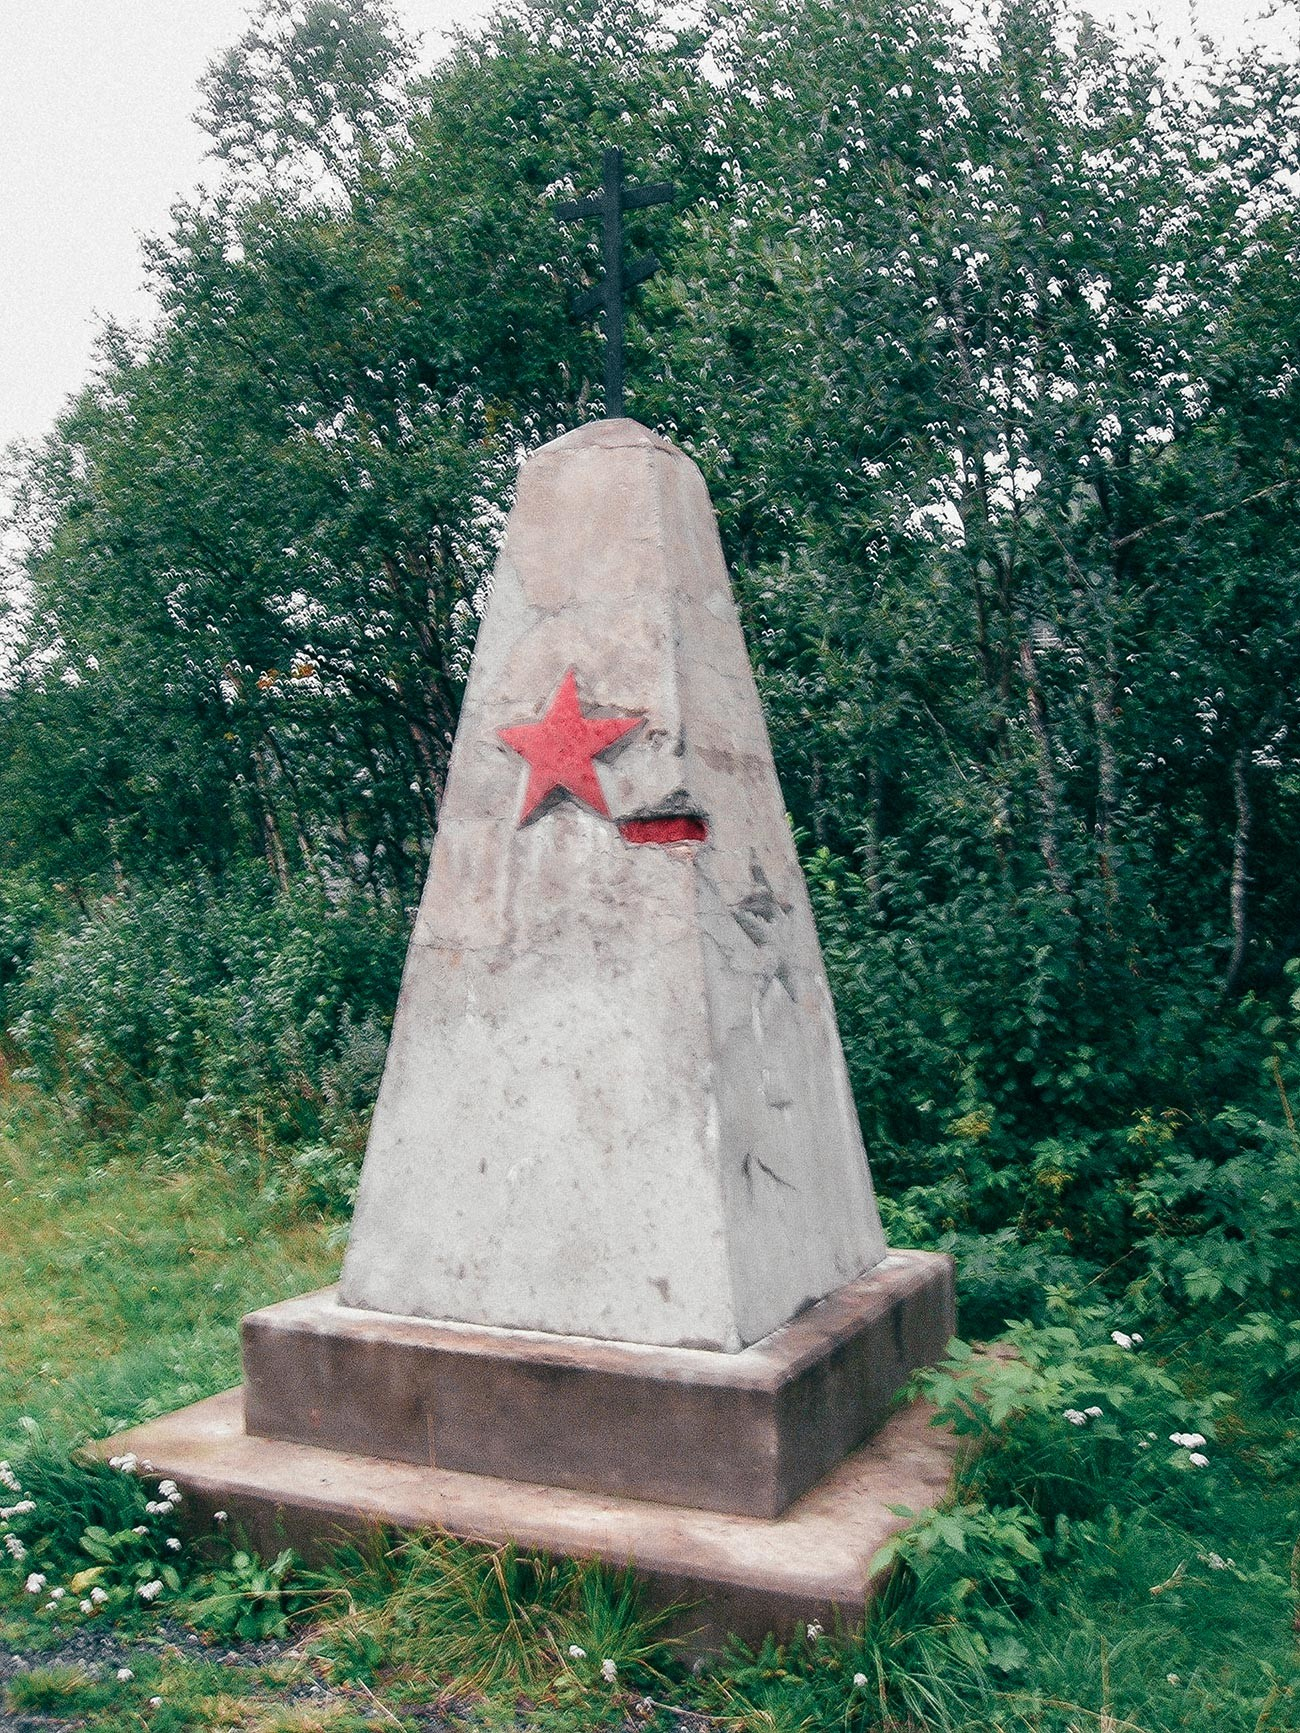 Паметник на около 5000 съветски затворници, построили частта на Рана от Nordlandsbanen (железопътна линия Nordland) с робски труд за нацистките окупатори по време на Втората световна война